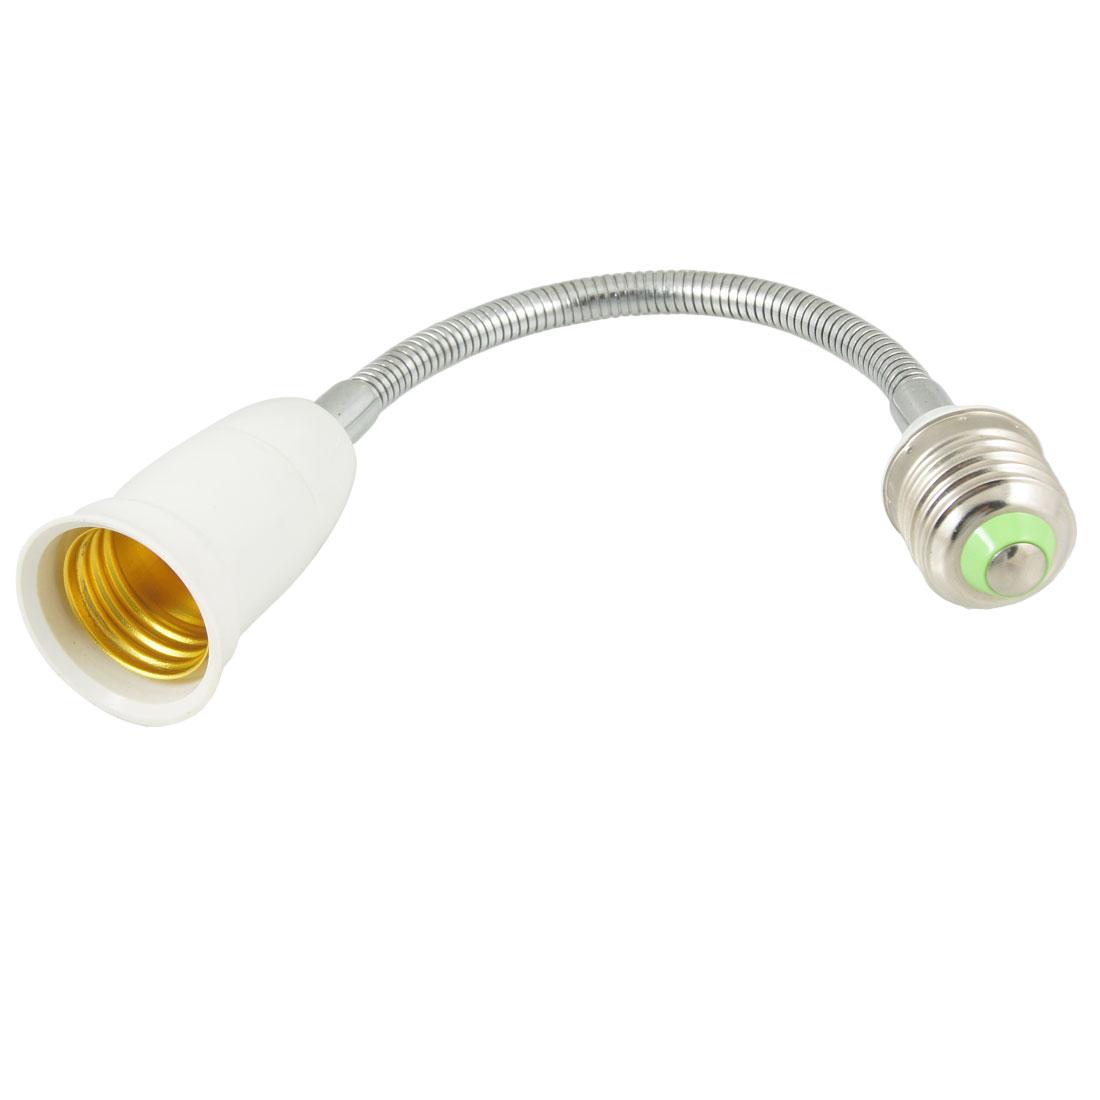 Light Lamp Bulb Socket E27 Flexible Gooseneck Extender Adapter